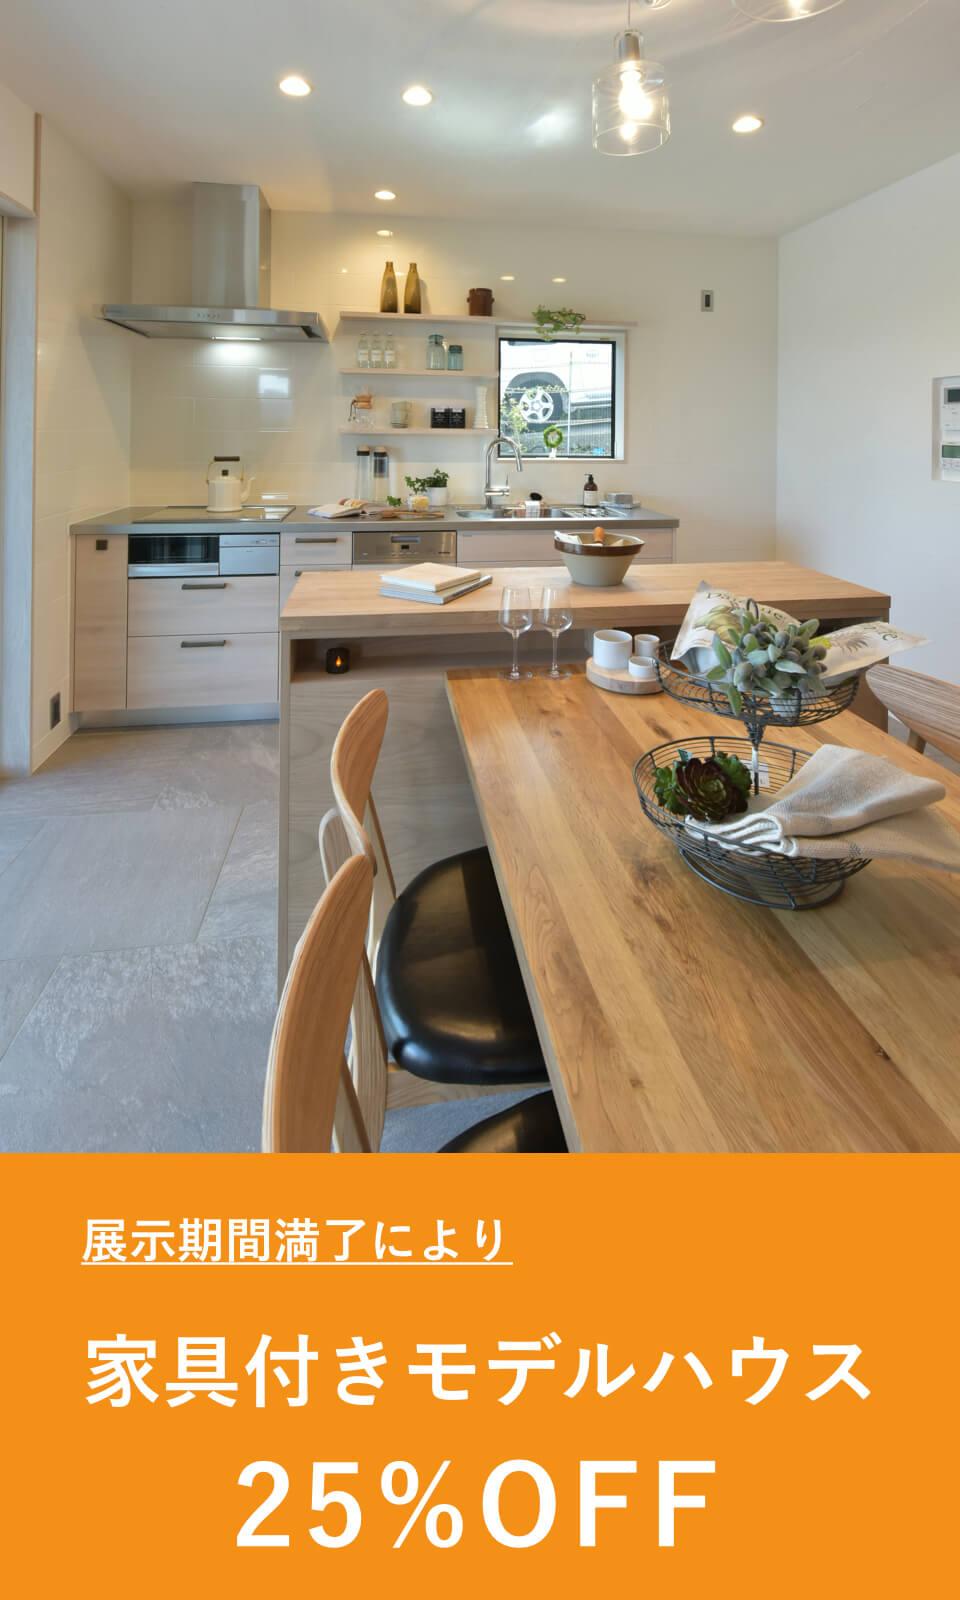 展示期間満了に付き25%OFF‼︎ 家具付きモデルハウス 好評販売中!!